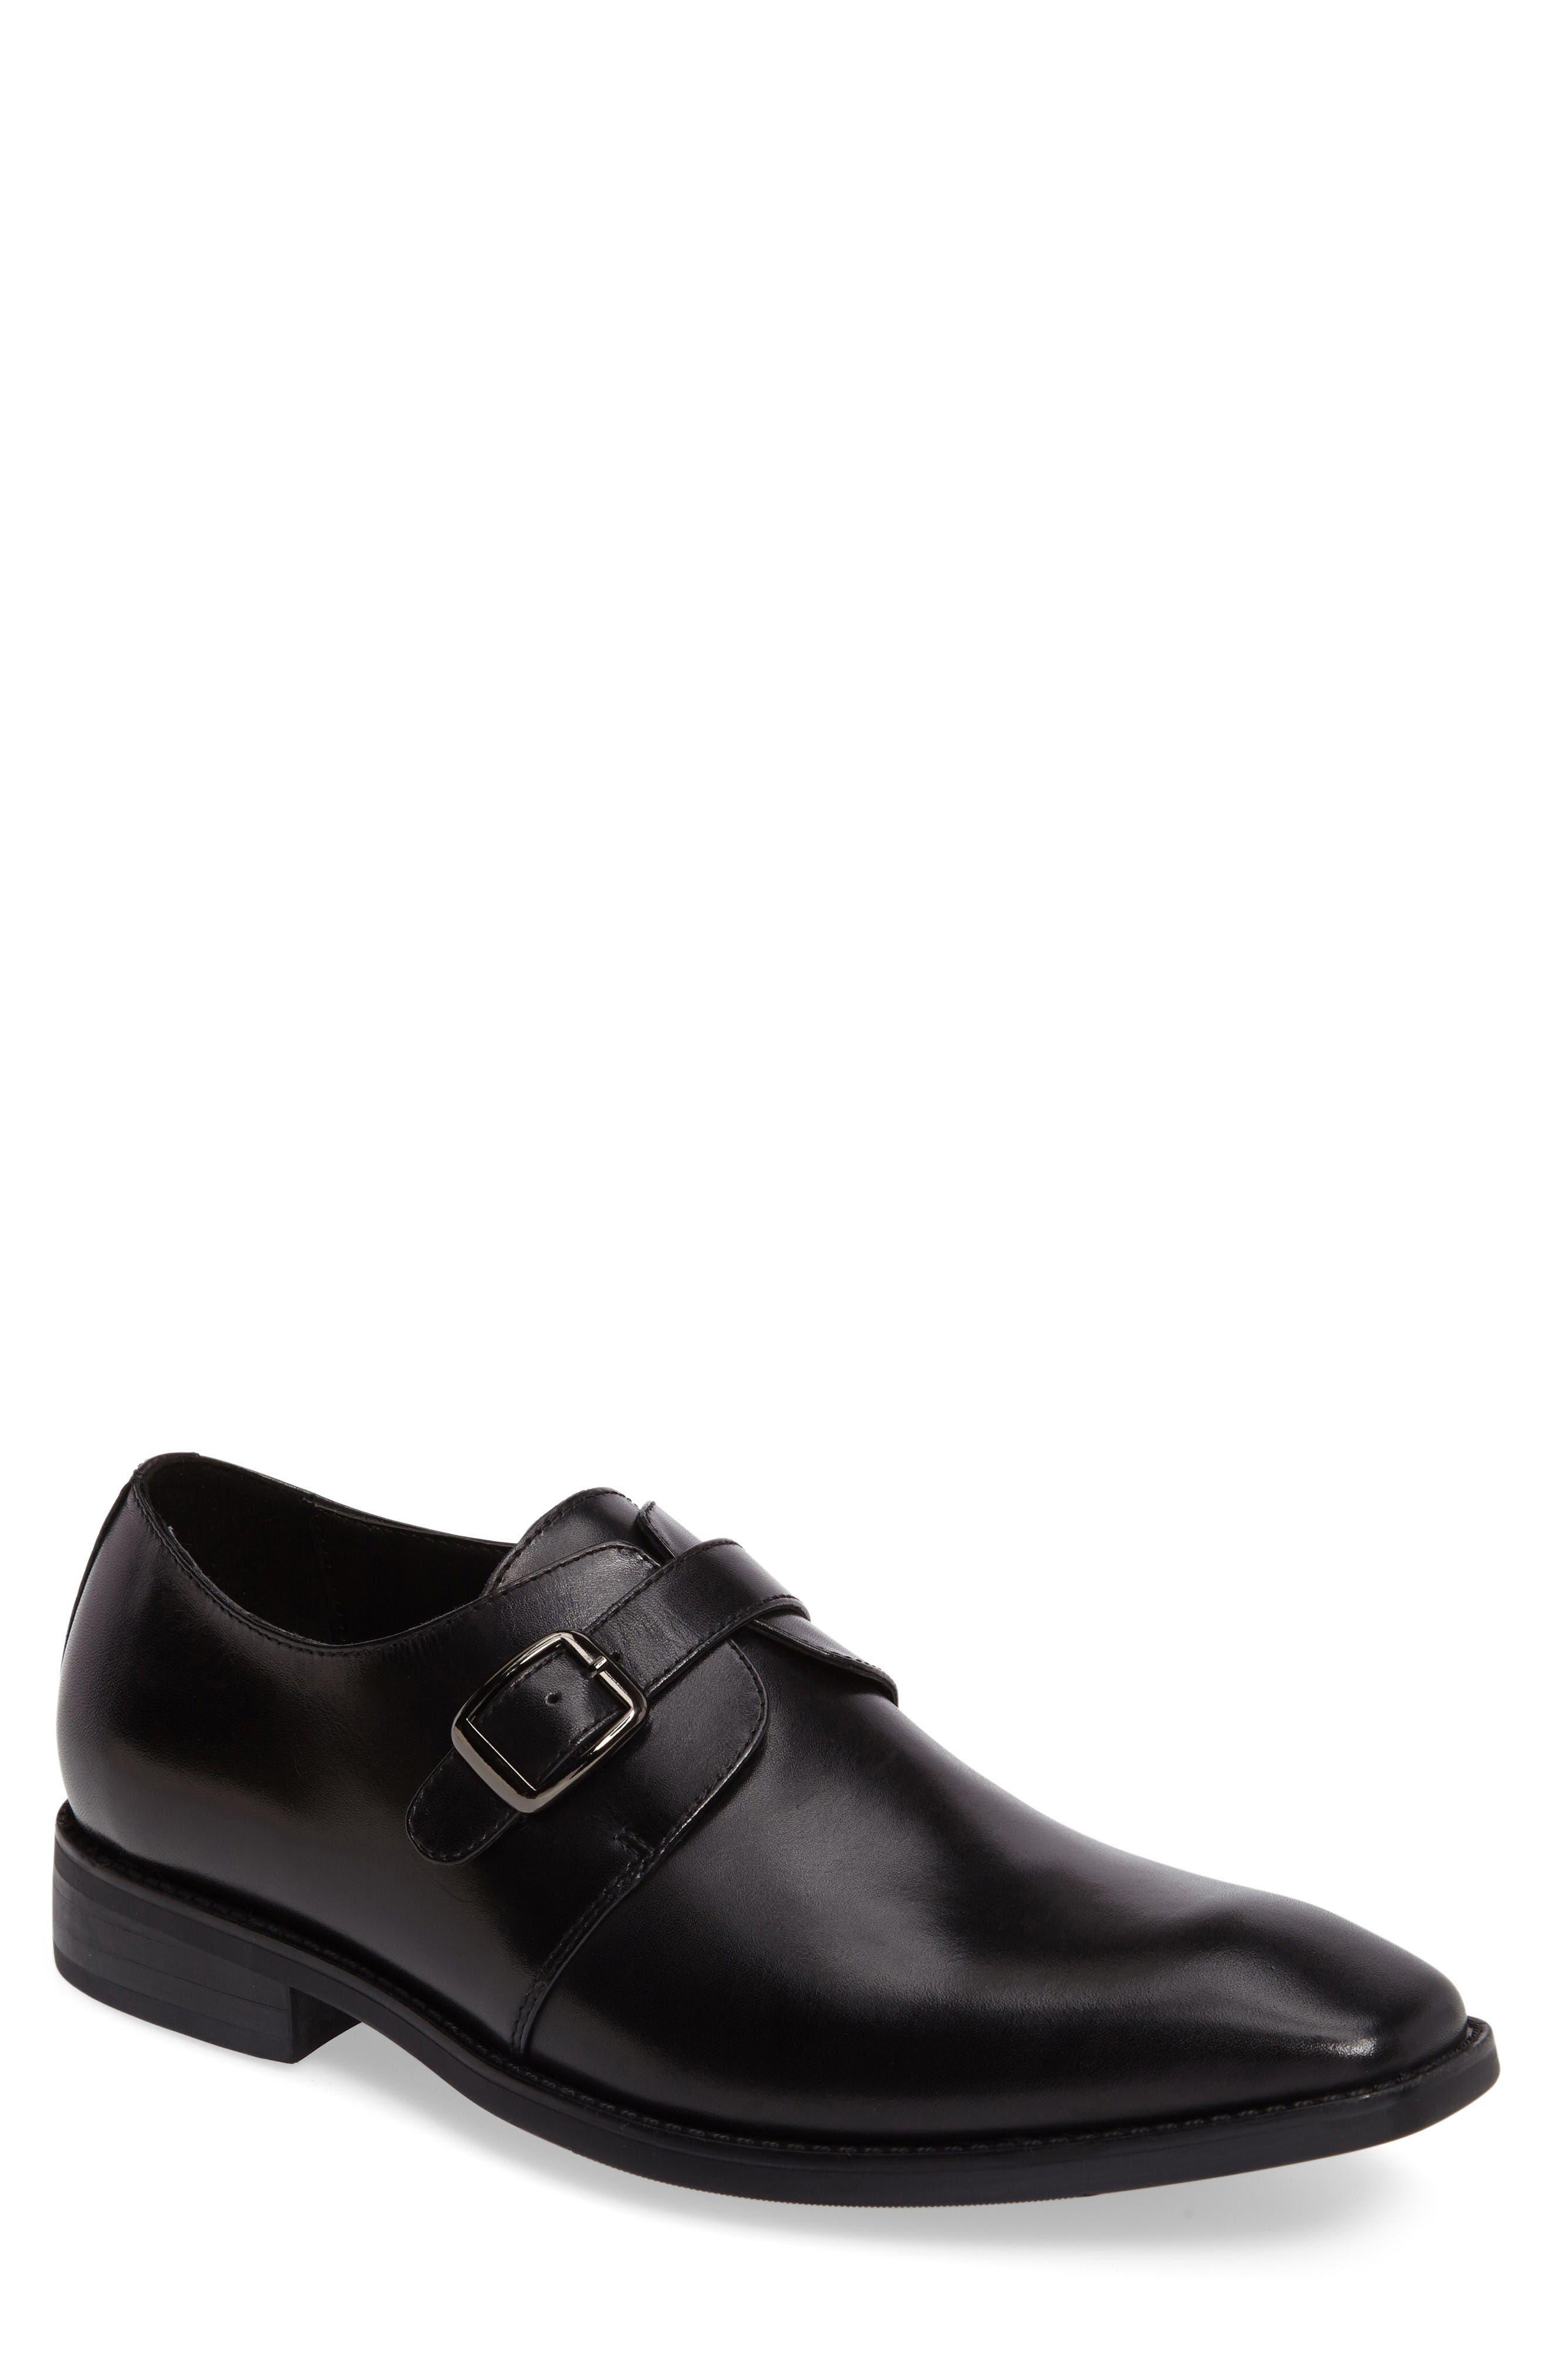 JUMP Landon Monk Strap Shoe